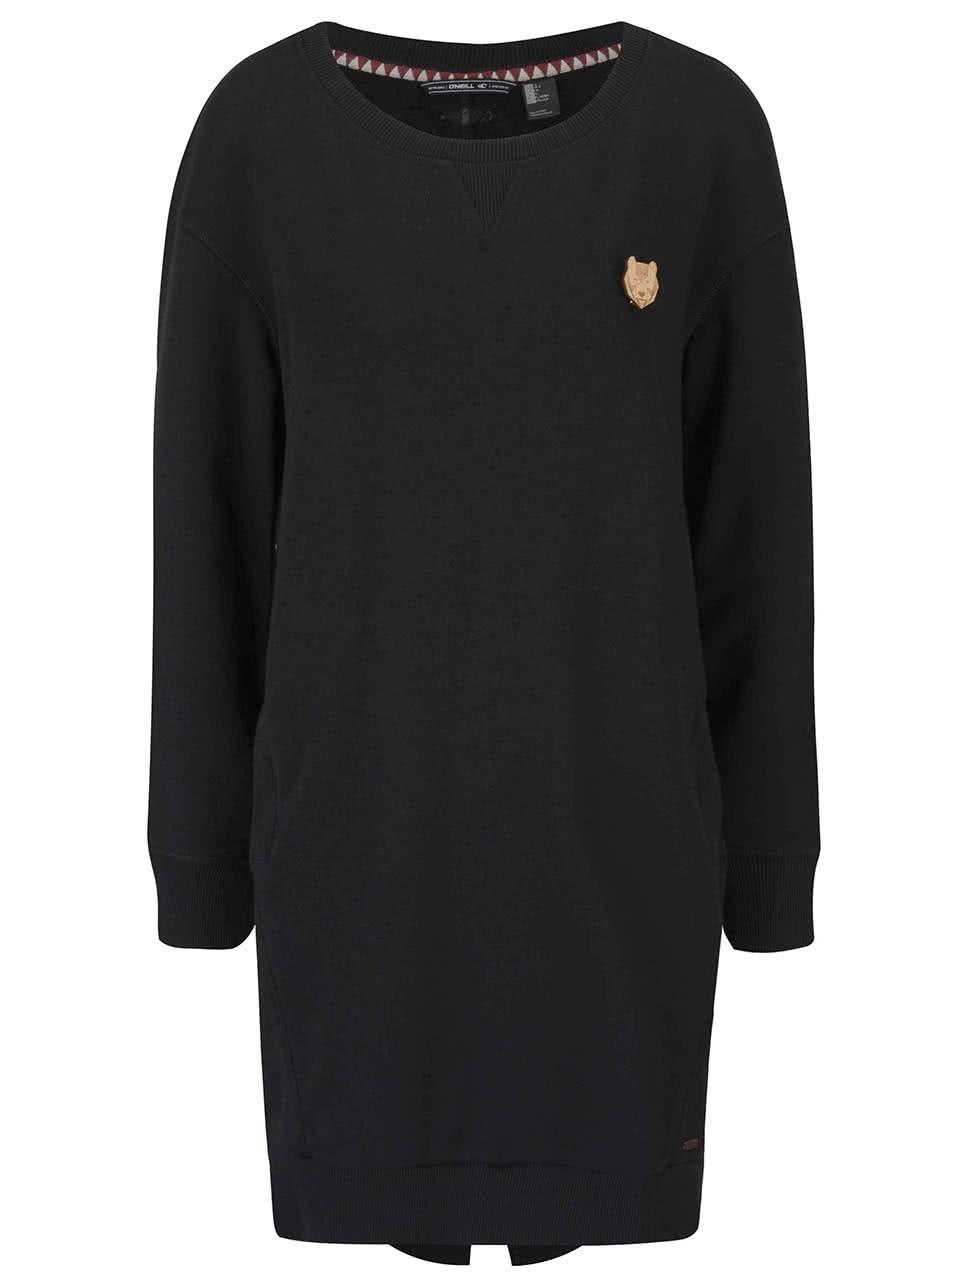 Černé dámské mikinové šaty s dlouhým rukávem O Neill Sweat ... 25c69f592f